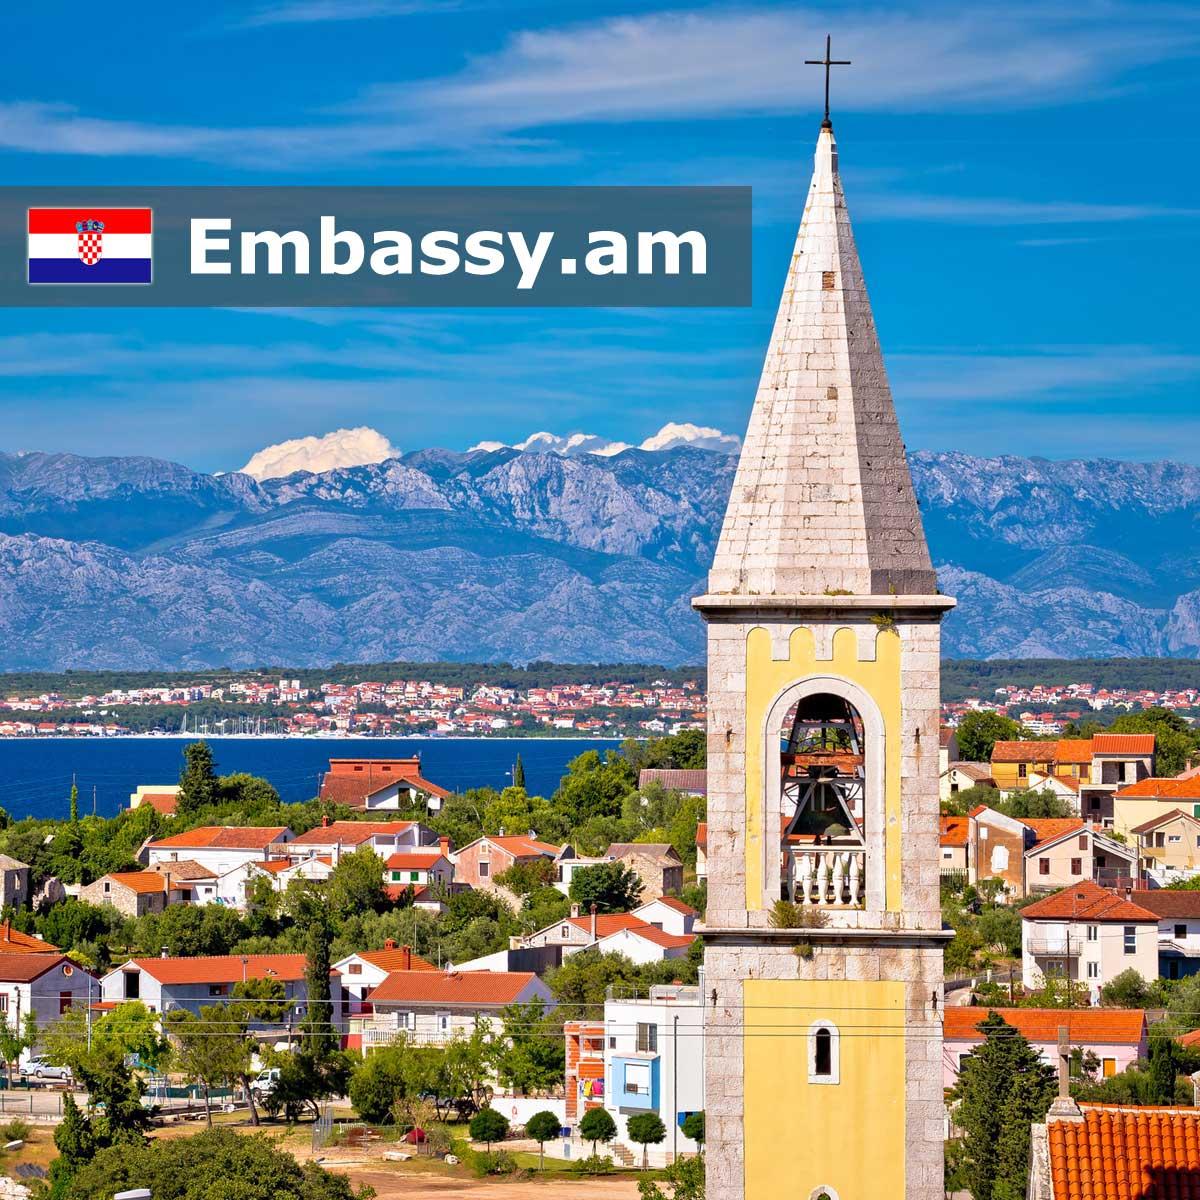 Zadar - Hotels in Croatia - Embassy.am